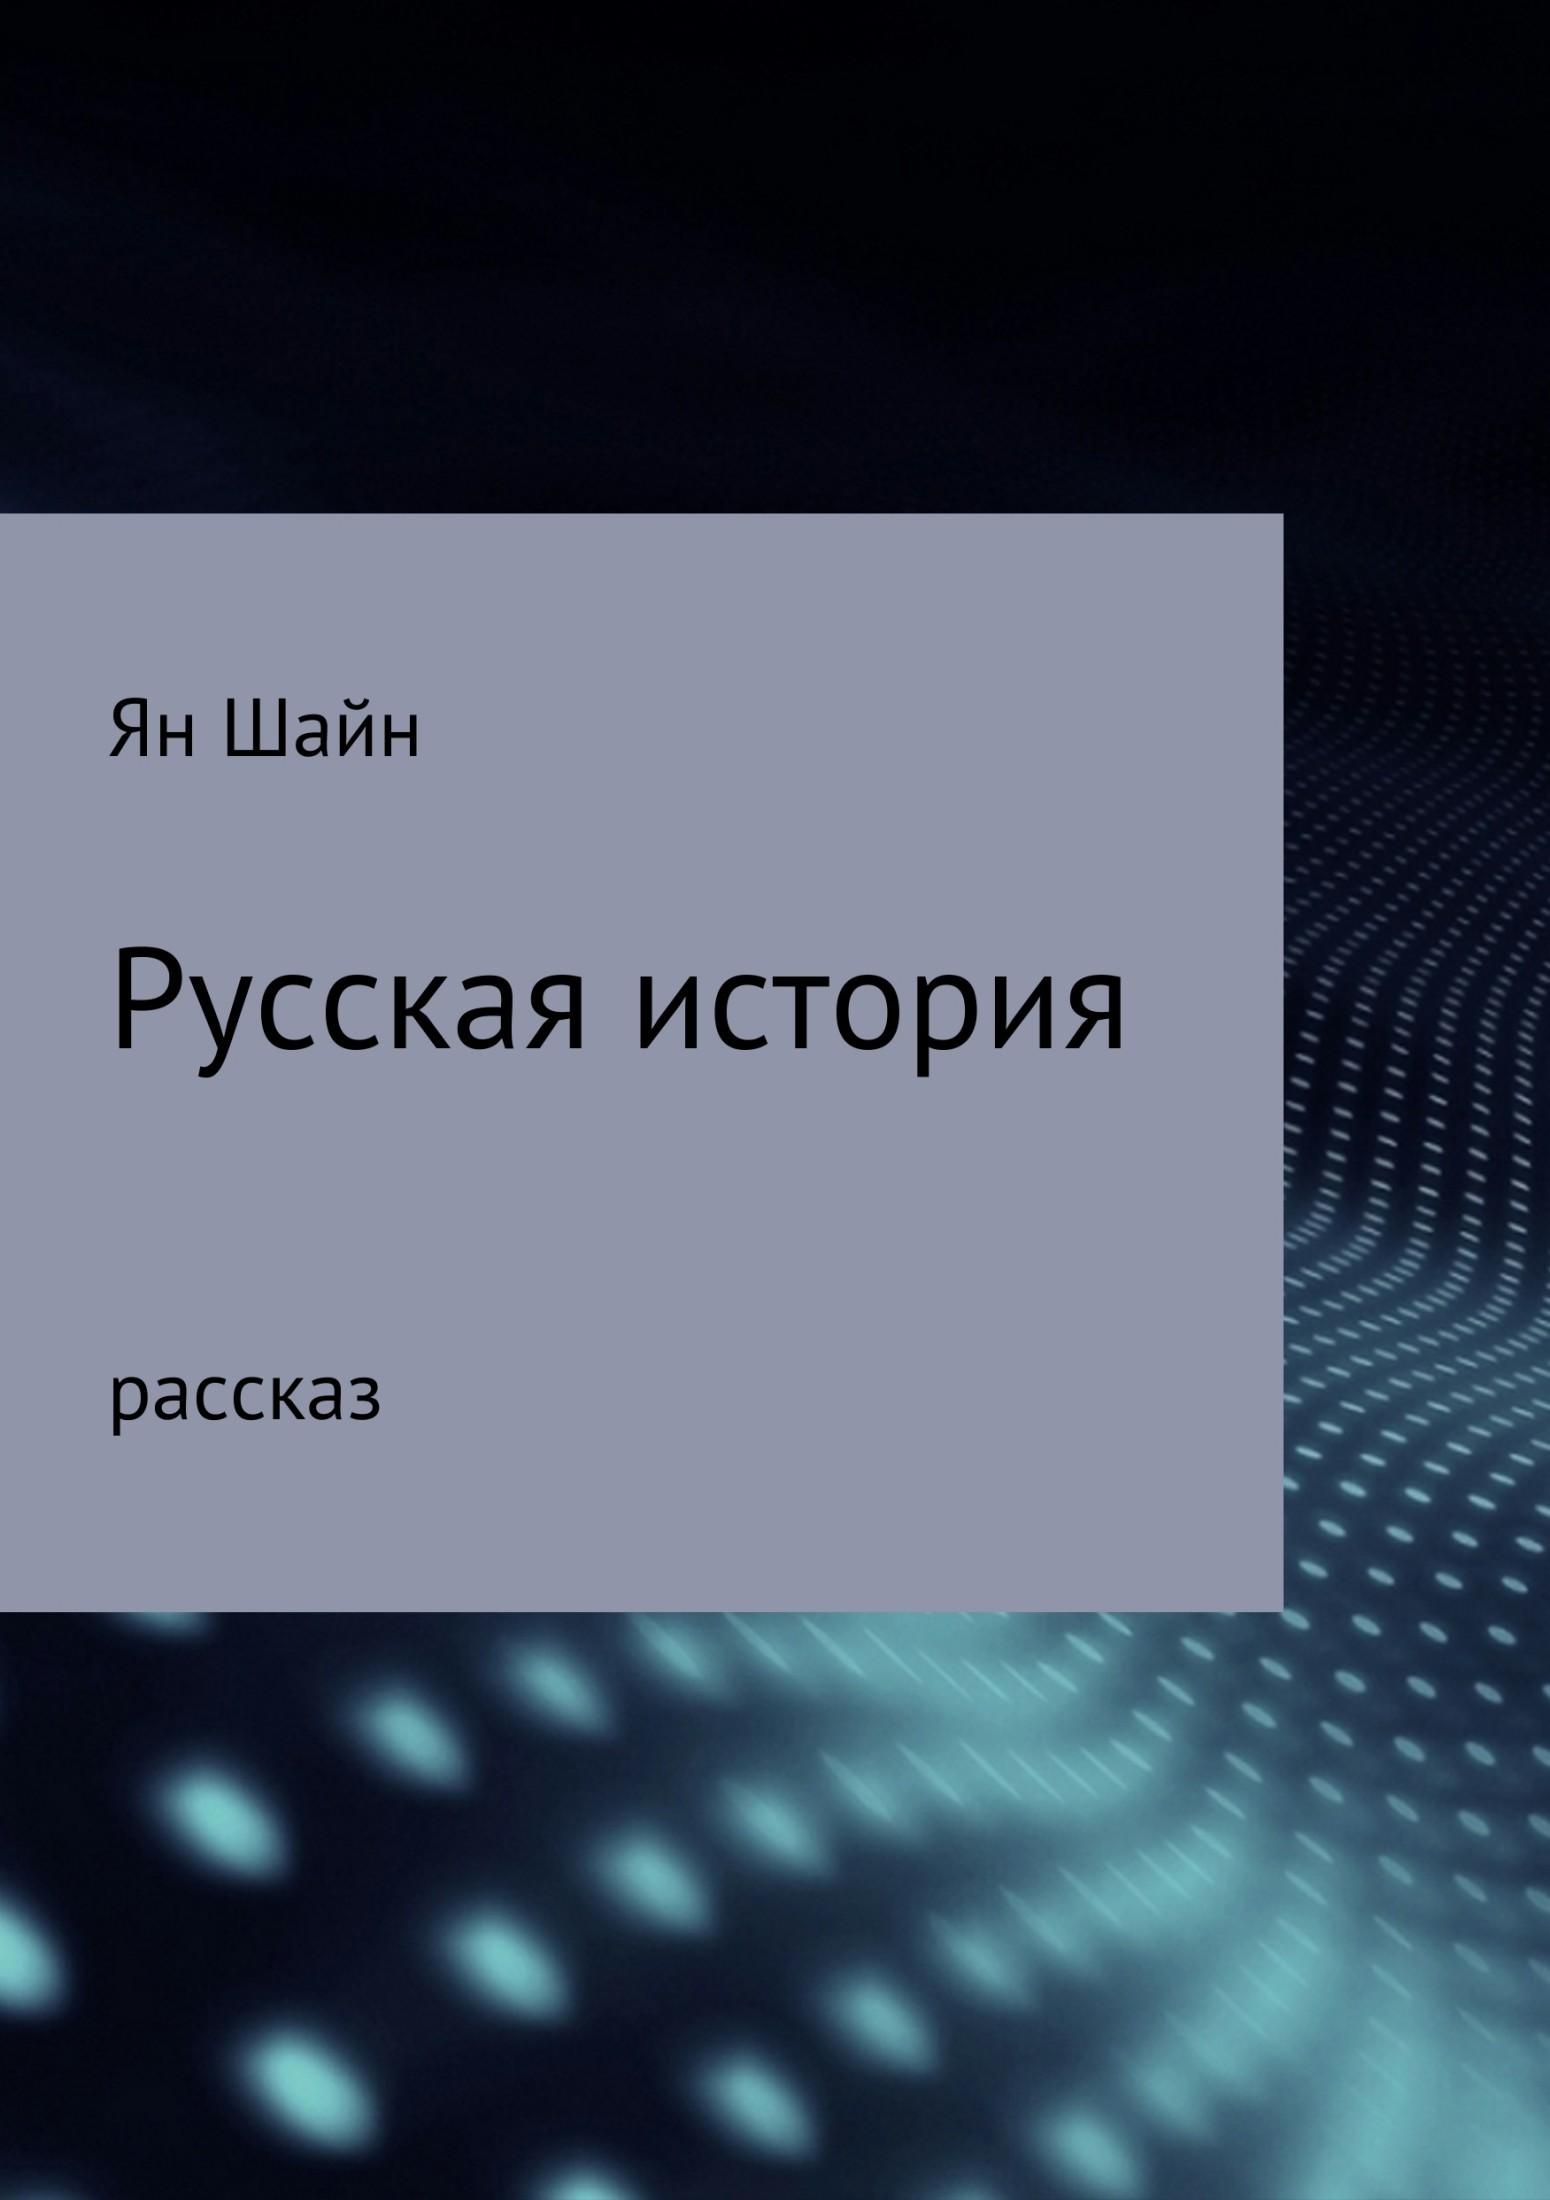 Ян Шайн. Русская история